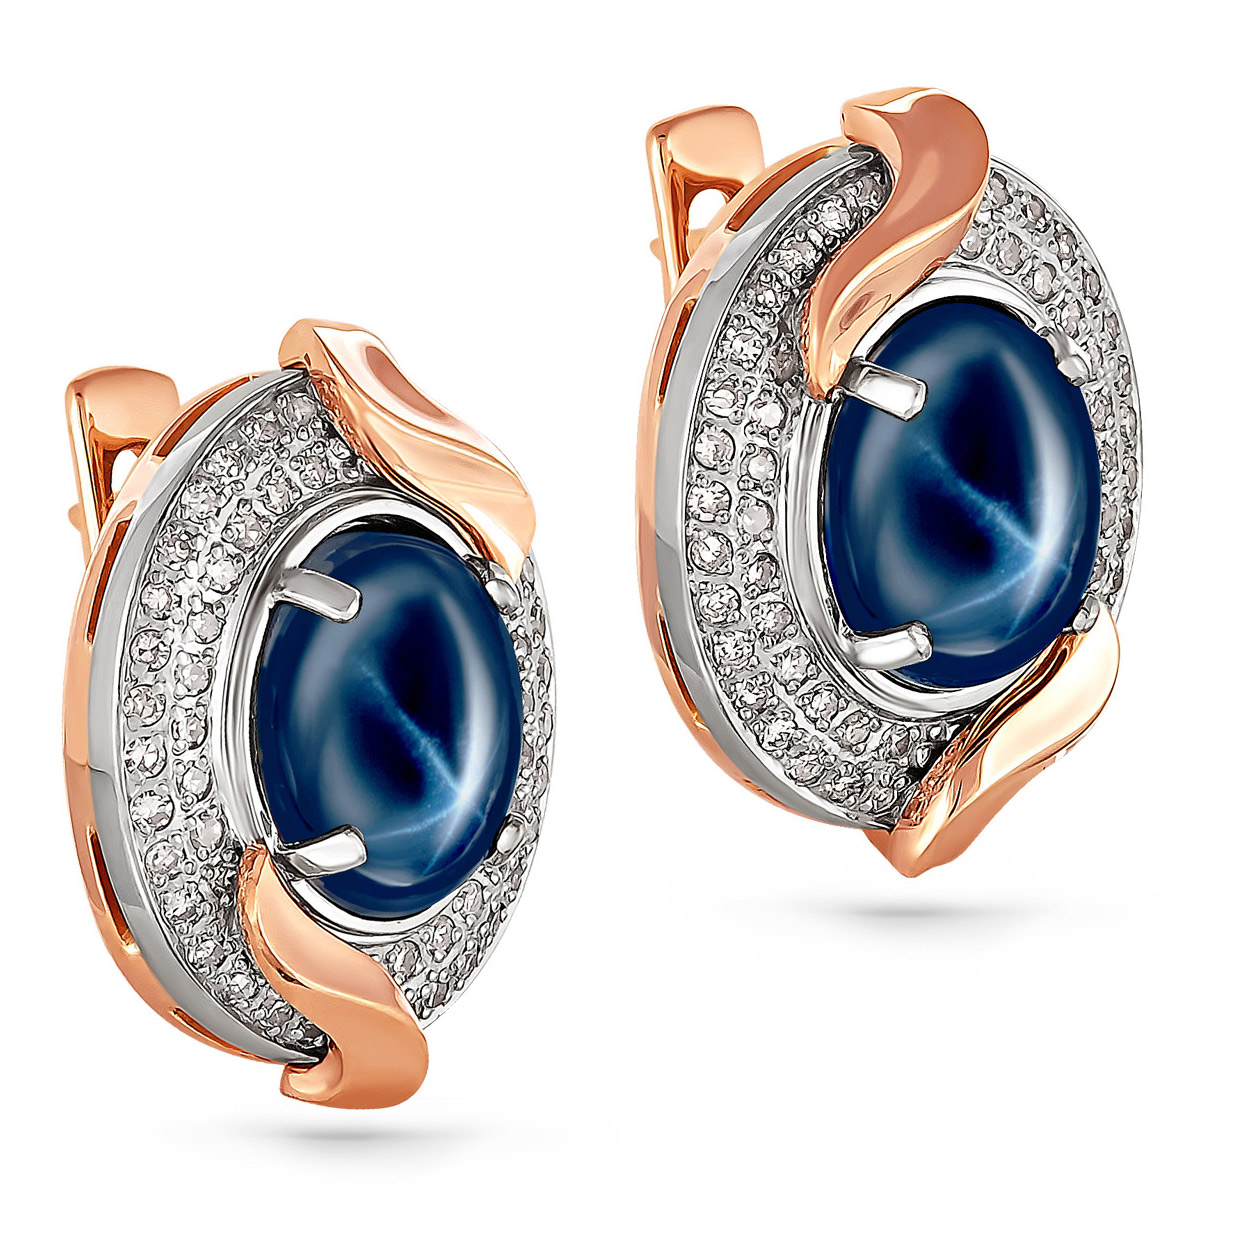 Золотые серьги с бриллиантом и звездчатым сапфиром арт. 12-0586-1400 12-0586-1400